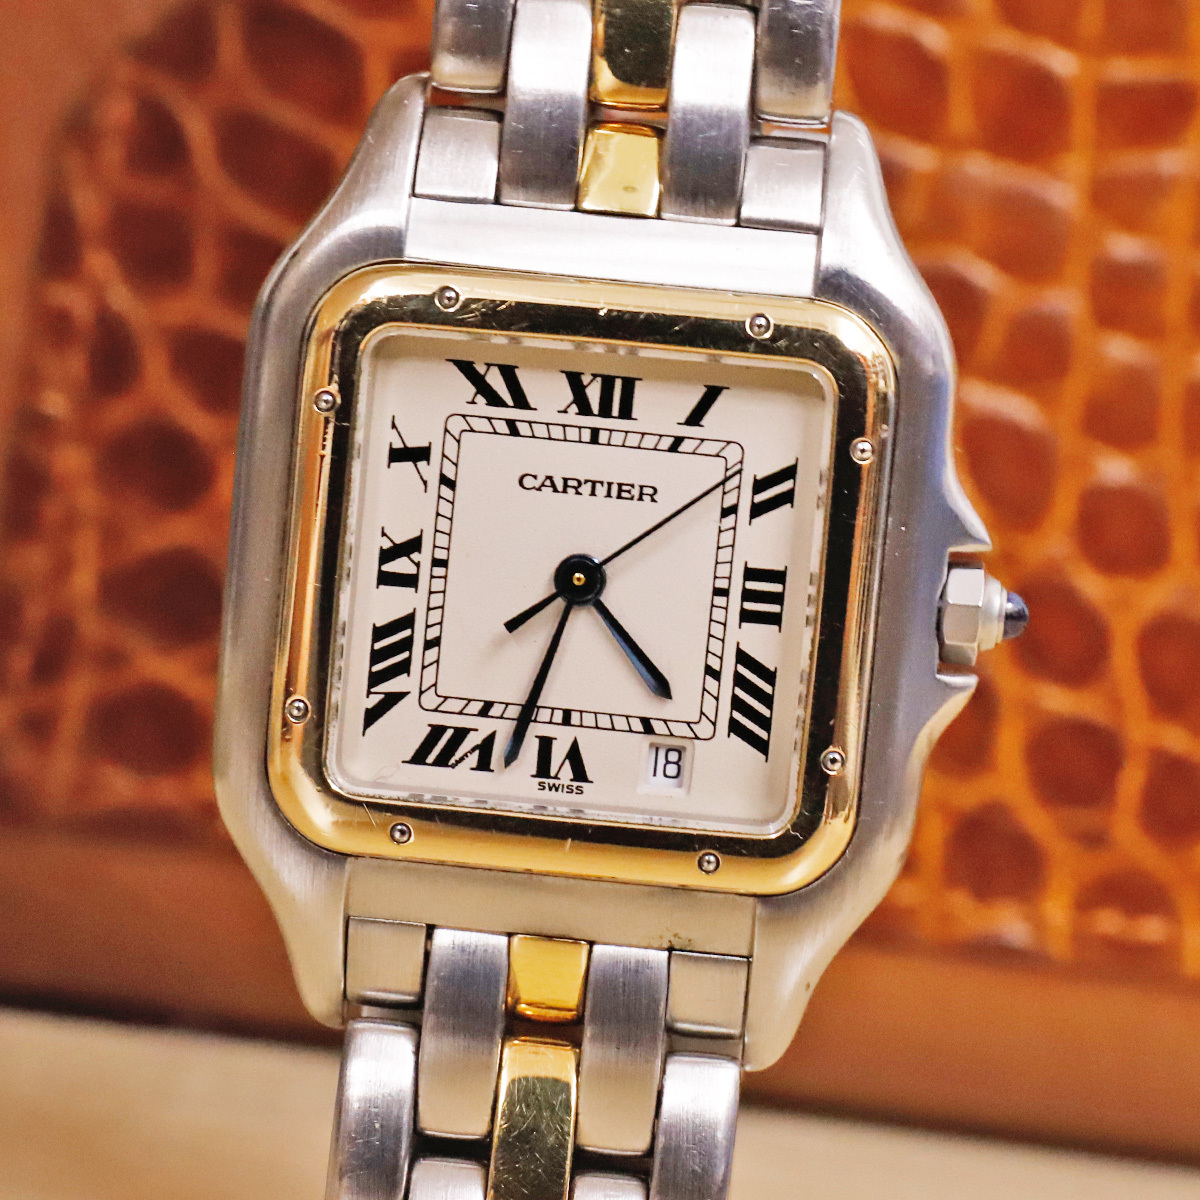 competitive price 68452 5f6e3 本物 カルティエ K18ゴールドコンビ パンテール ドゥ カルティエ ウォッチ 純正1ロウSSブレスレット 腕時計 スイス製 正規品 CARTIER